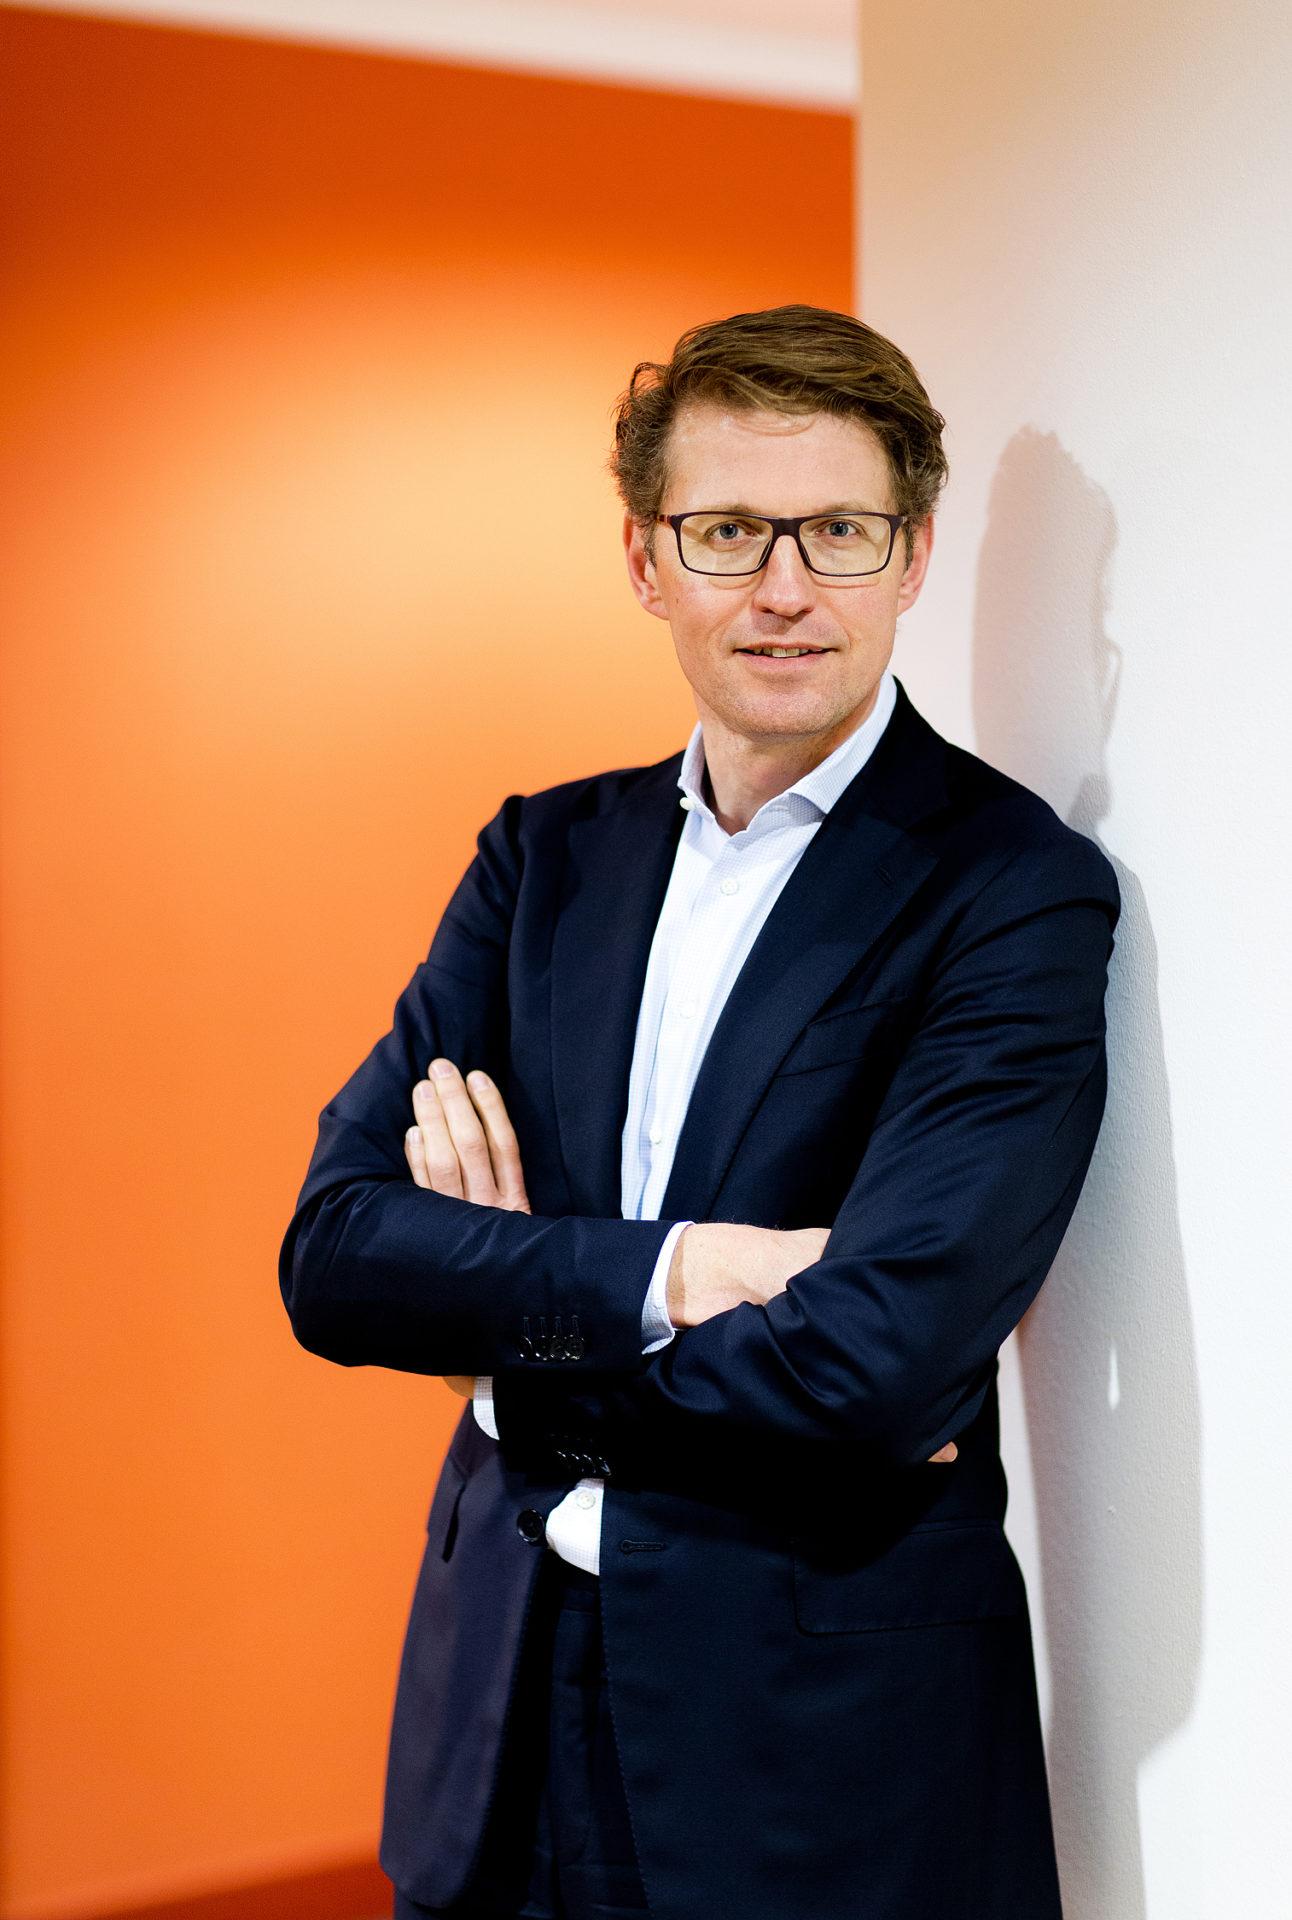 Portretten Minister Sander Dekker